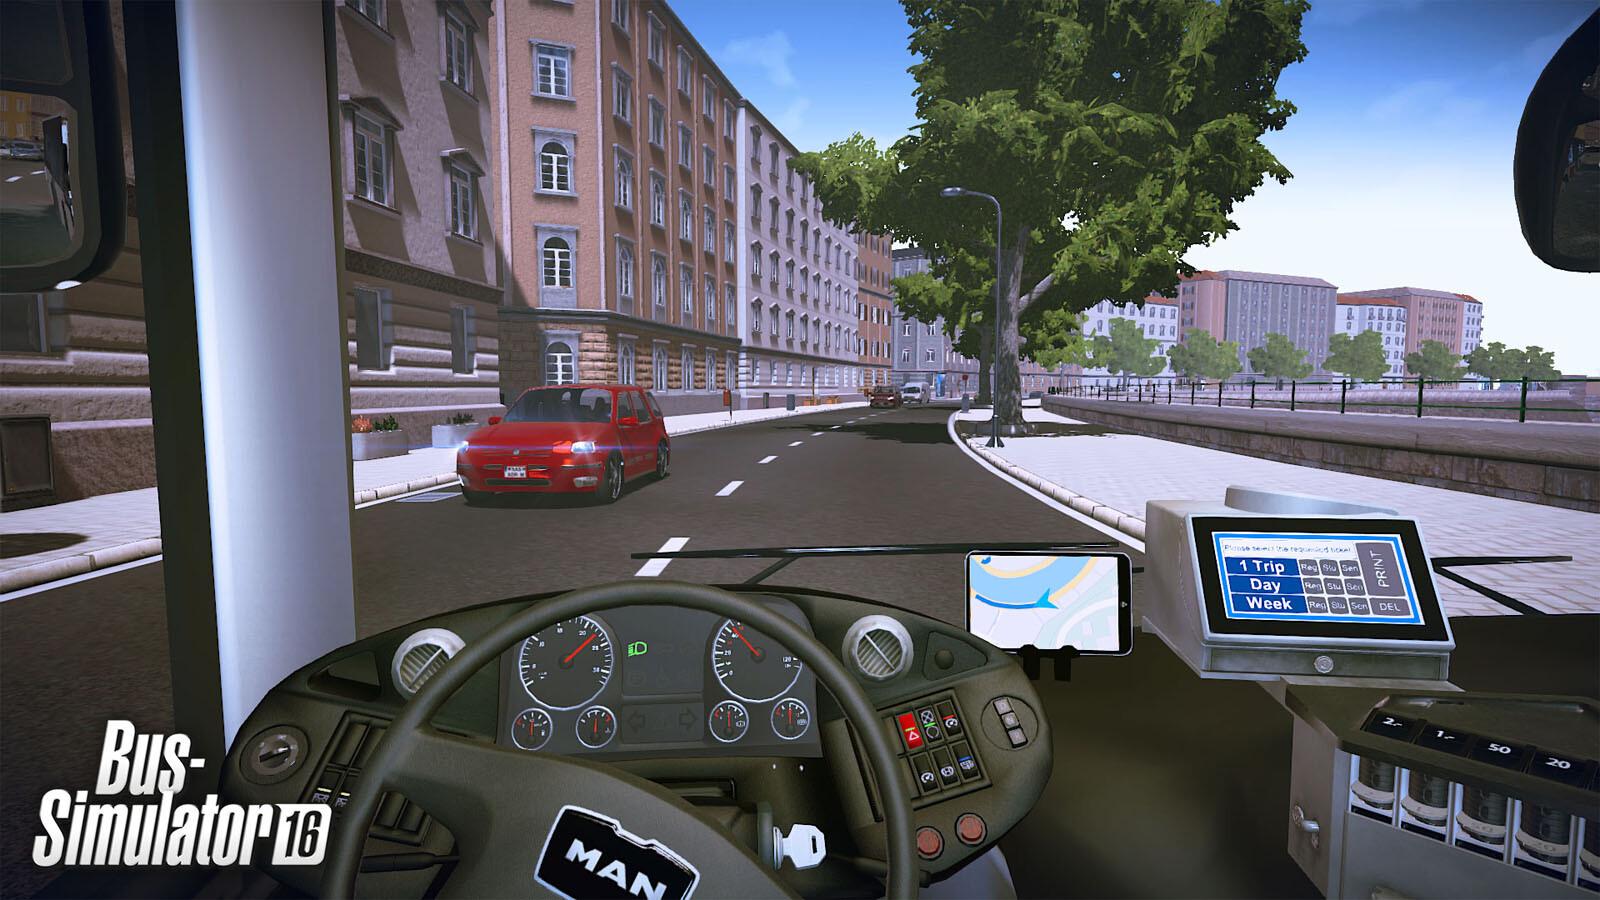 Bus simulator mac free download 7 0